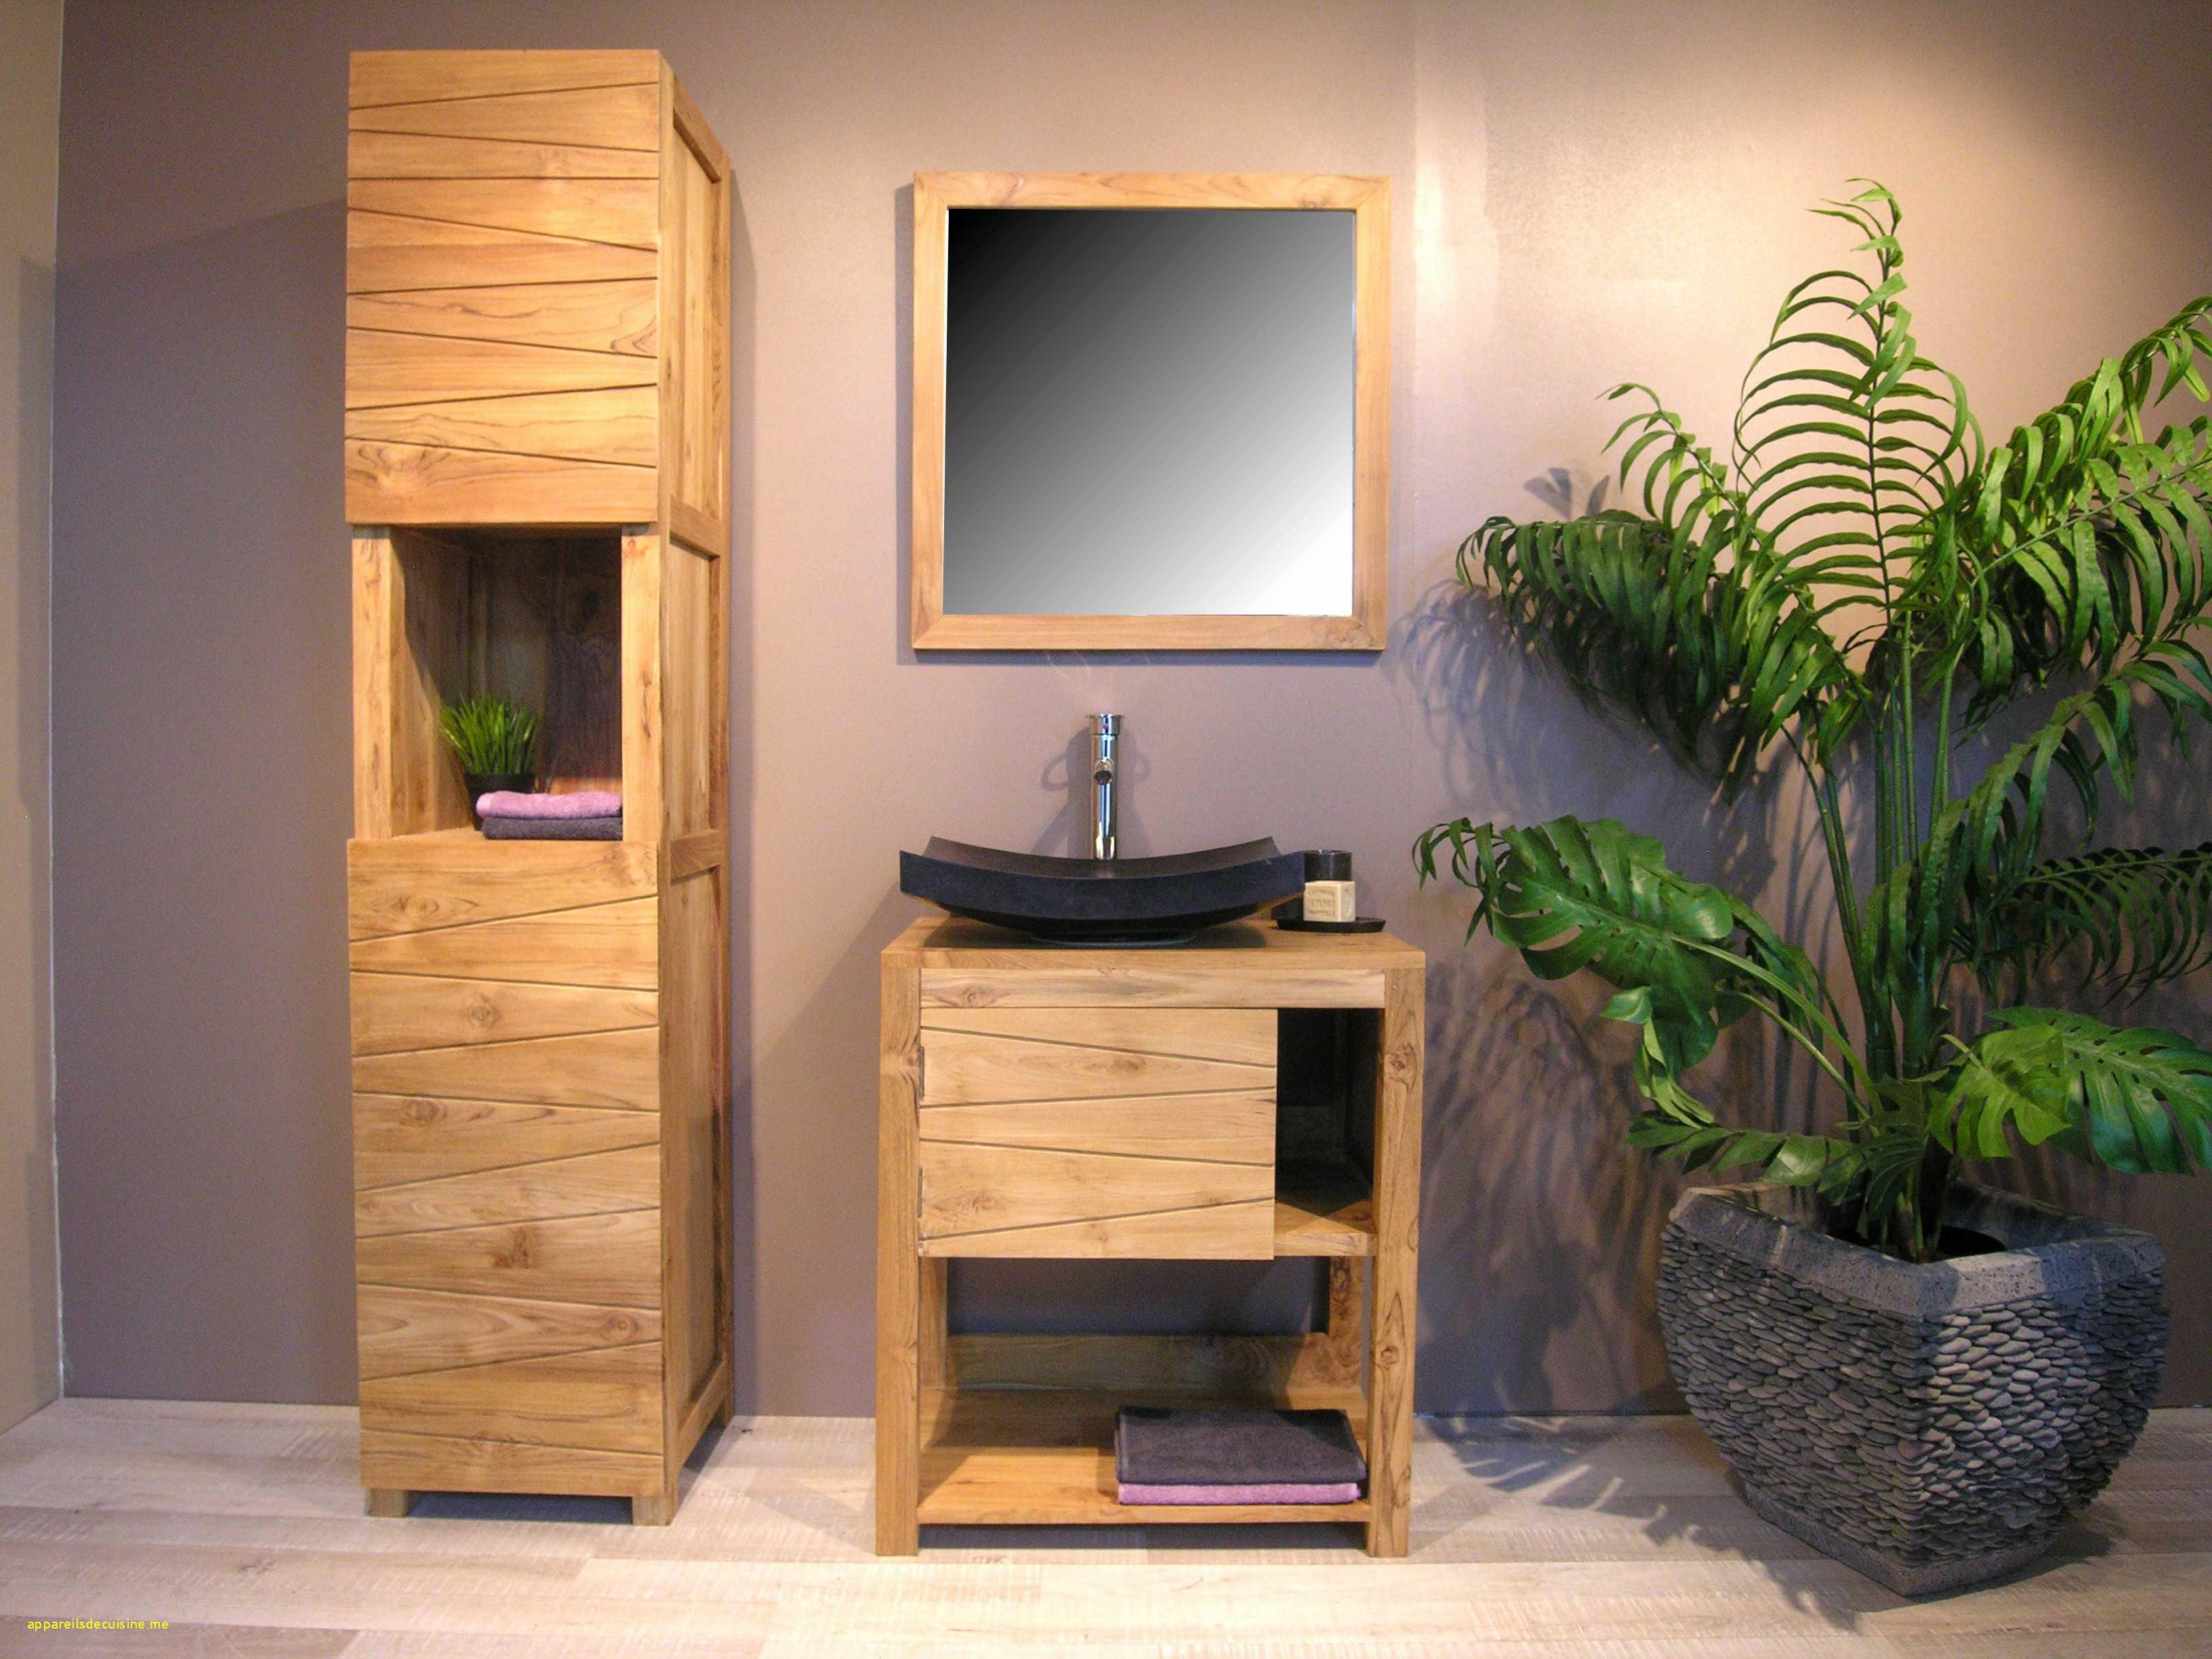 Plan De Travail Salle De Bain Ikea Luxe Collection Meubles De Salle De Bains Impressionnant Meuble Vasque De Salle De